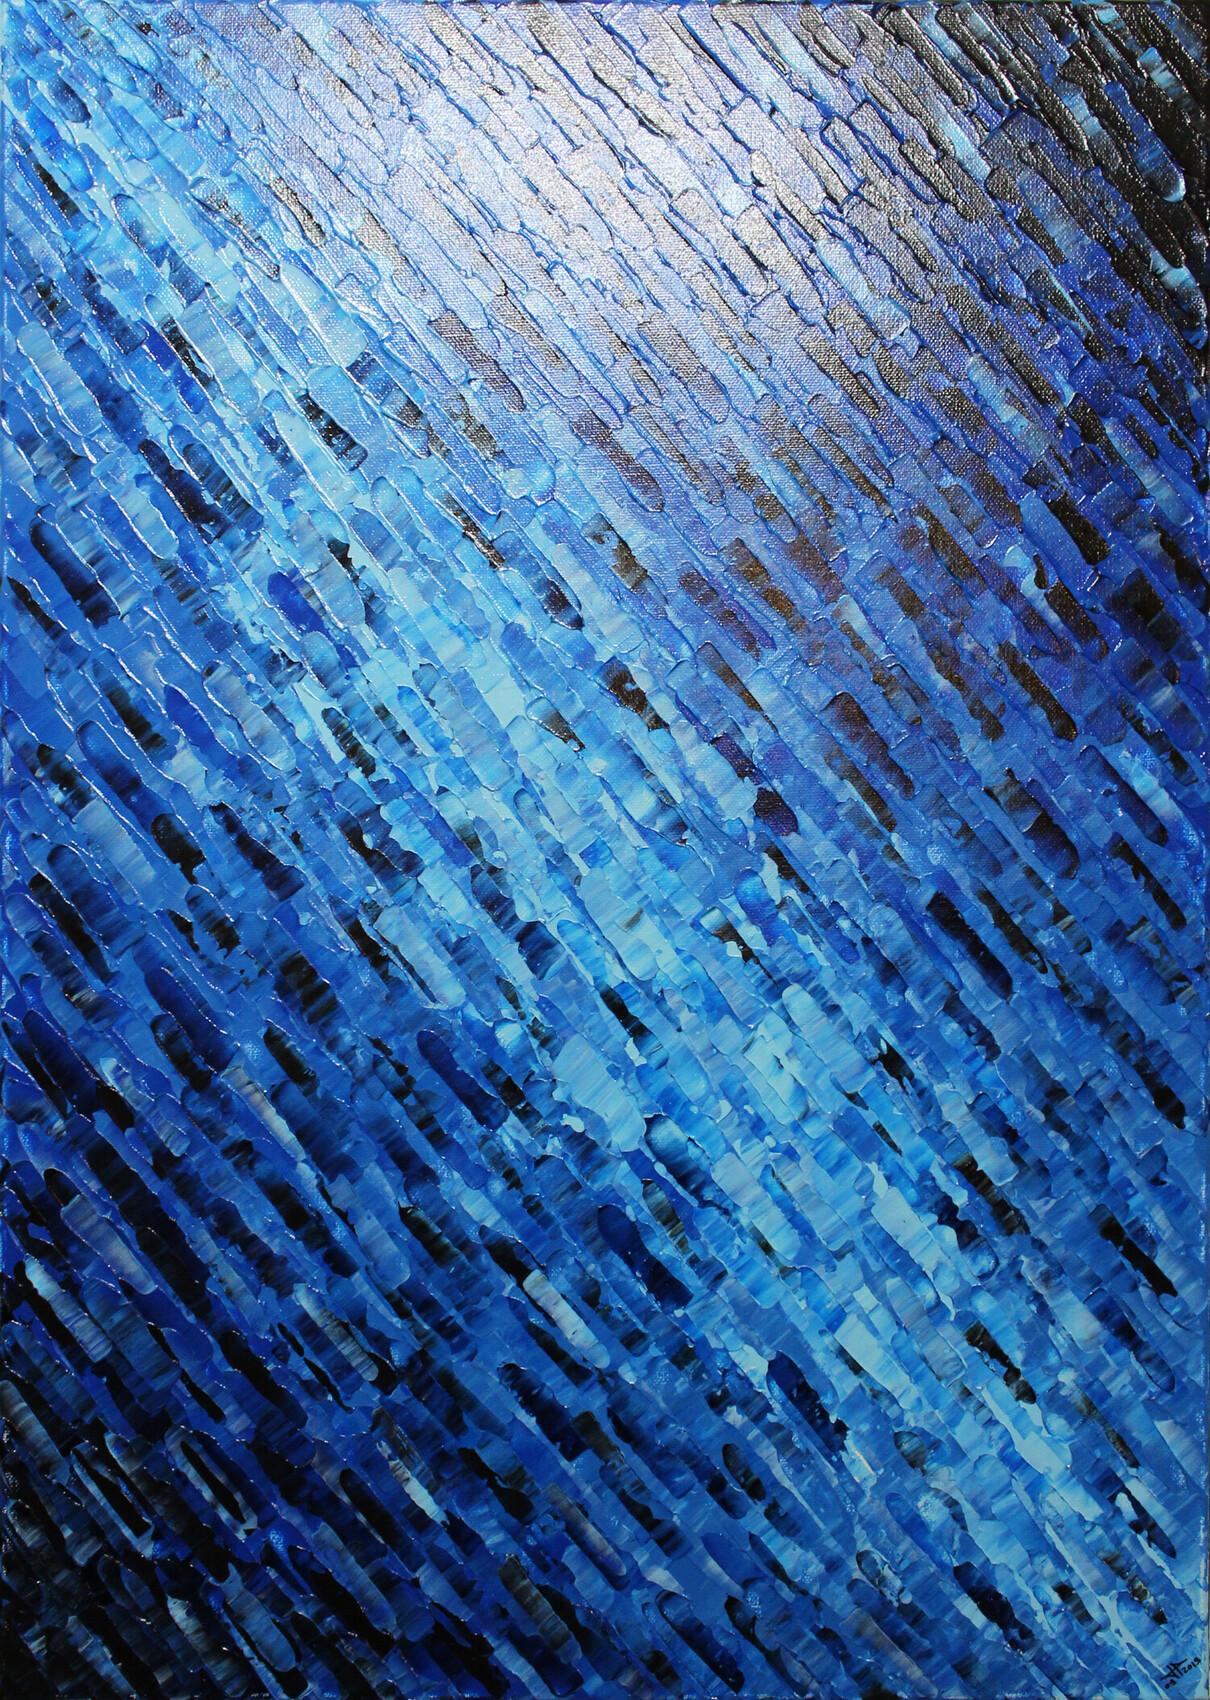 Tableau moderne : Texture couteau bleutée.